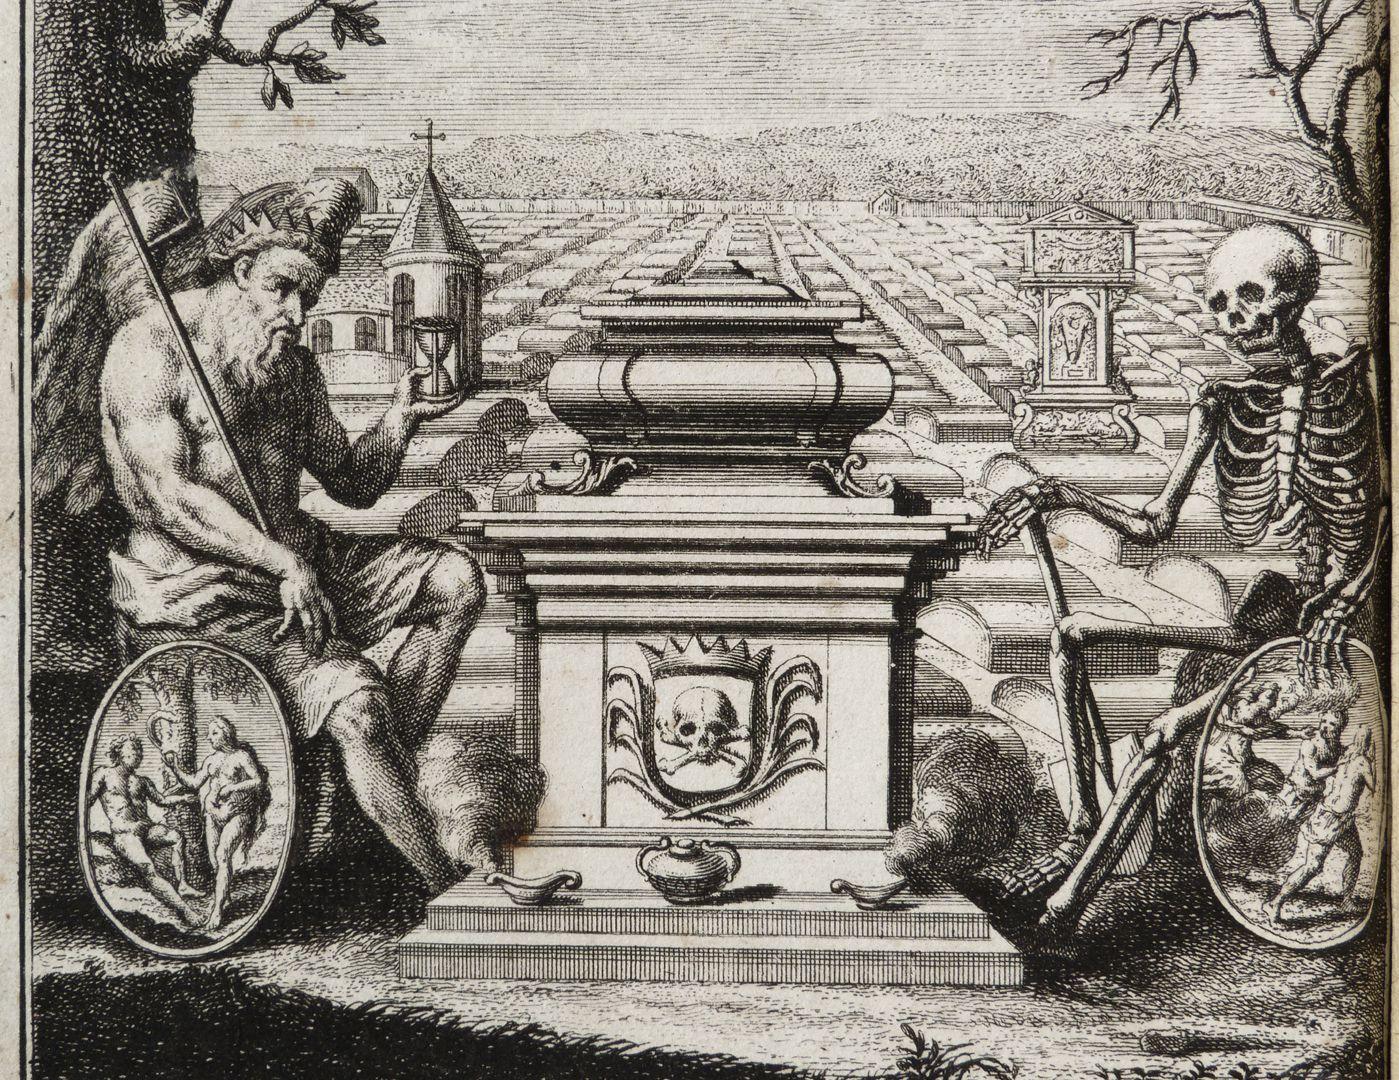 """""""Allein das Wort des Lebens macht, daß auch den Todt ein Christ nicht acht."""" Vor dem Johannisfriedhof sitzen Chronos (mit dem Sündenfall) und der Tod (mit der Paradiesvertreibung), eine Totenurne flankierend."""